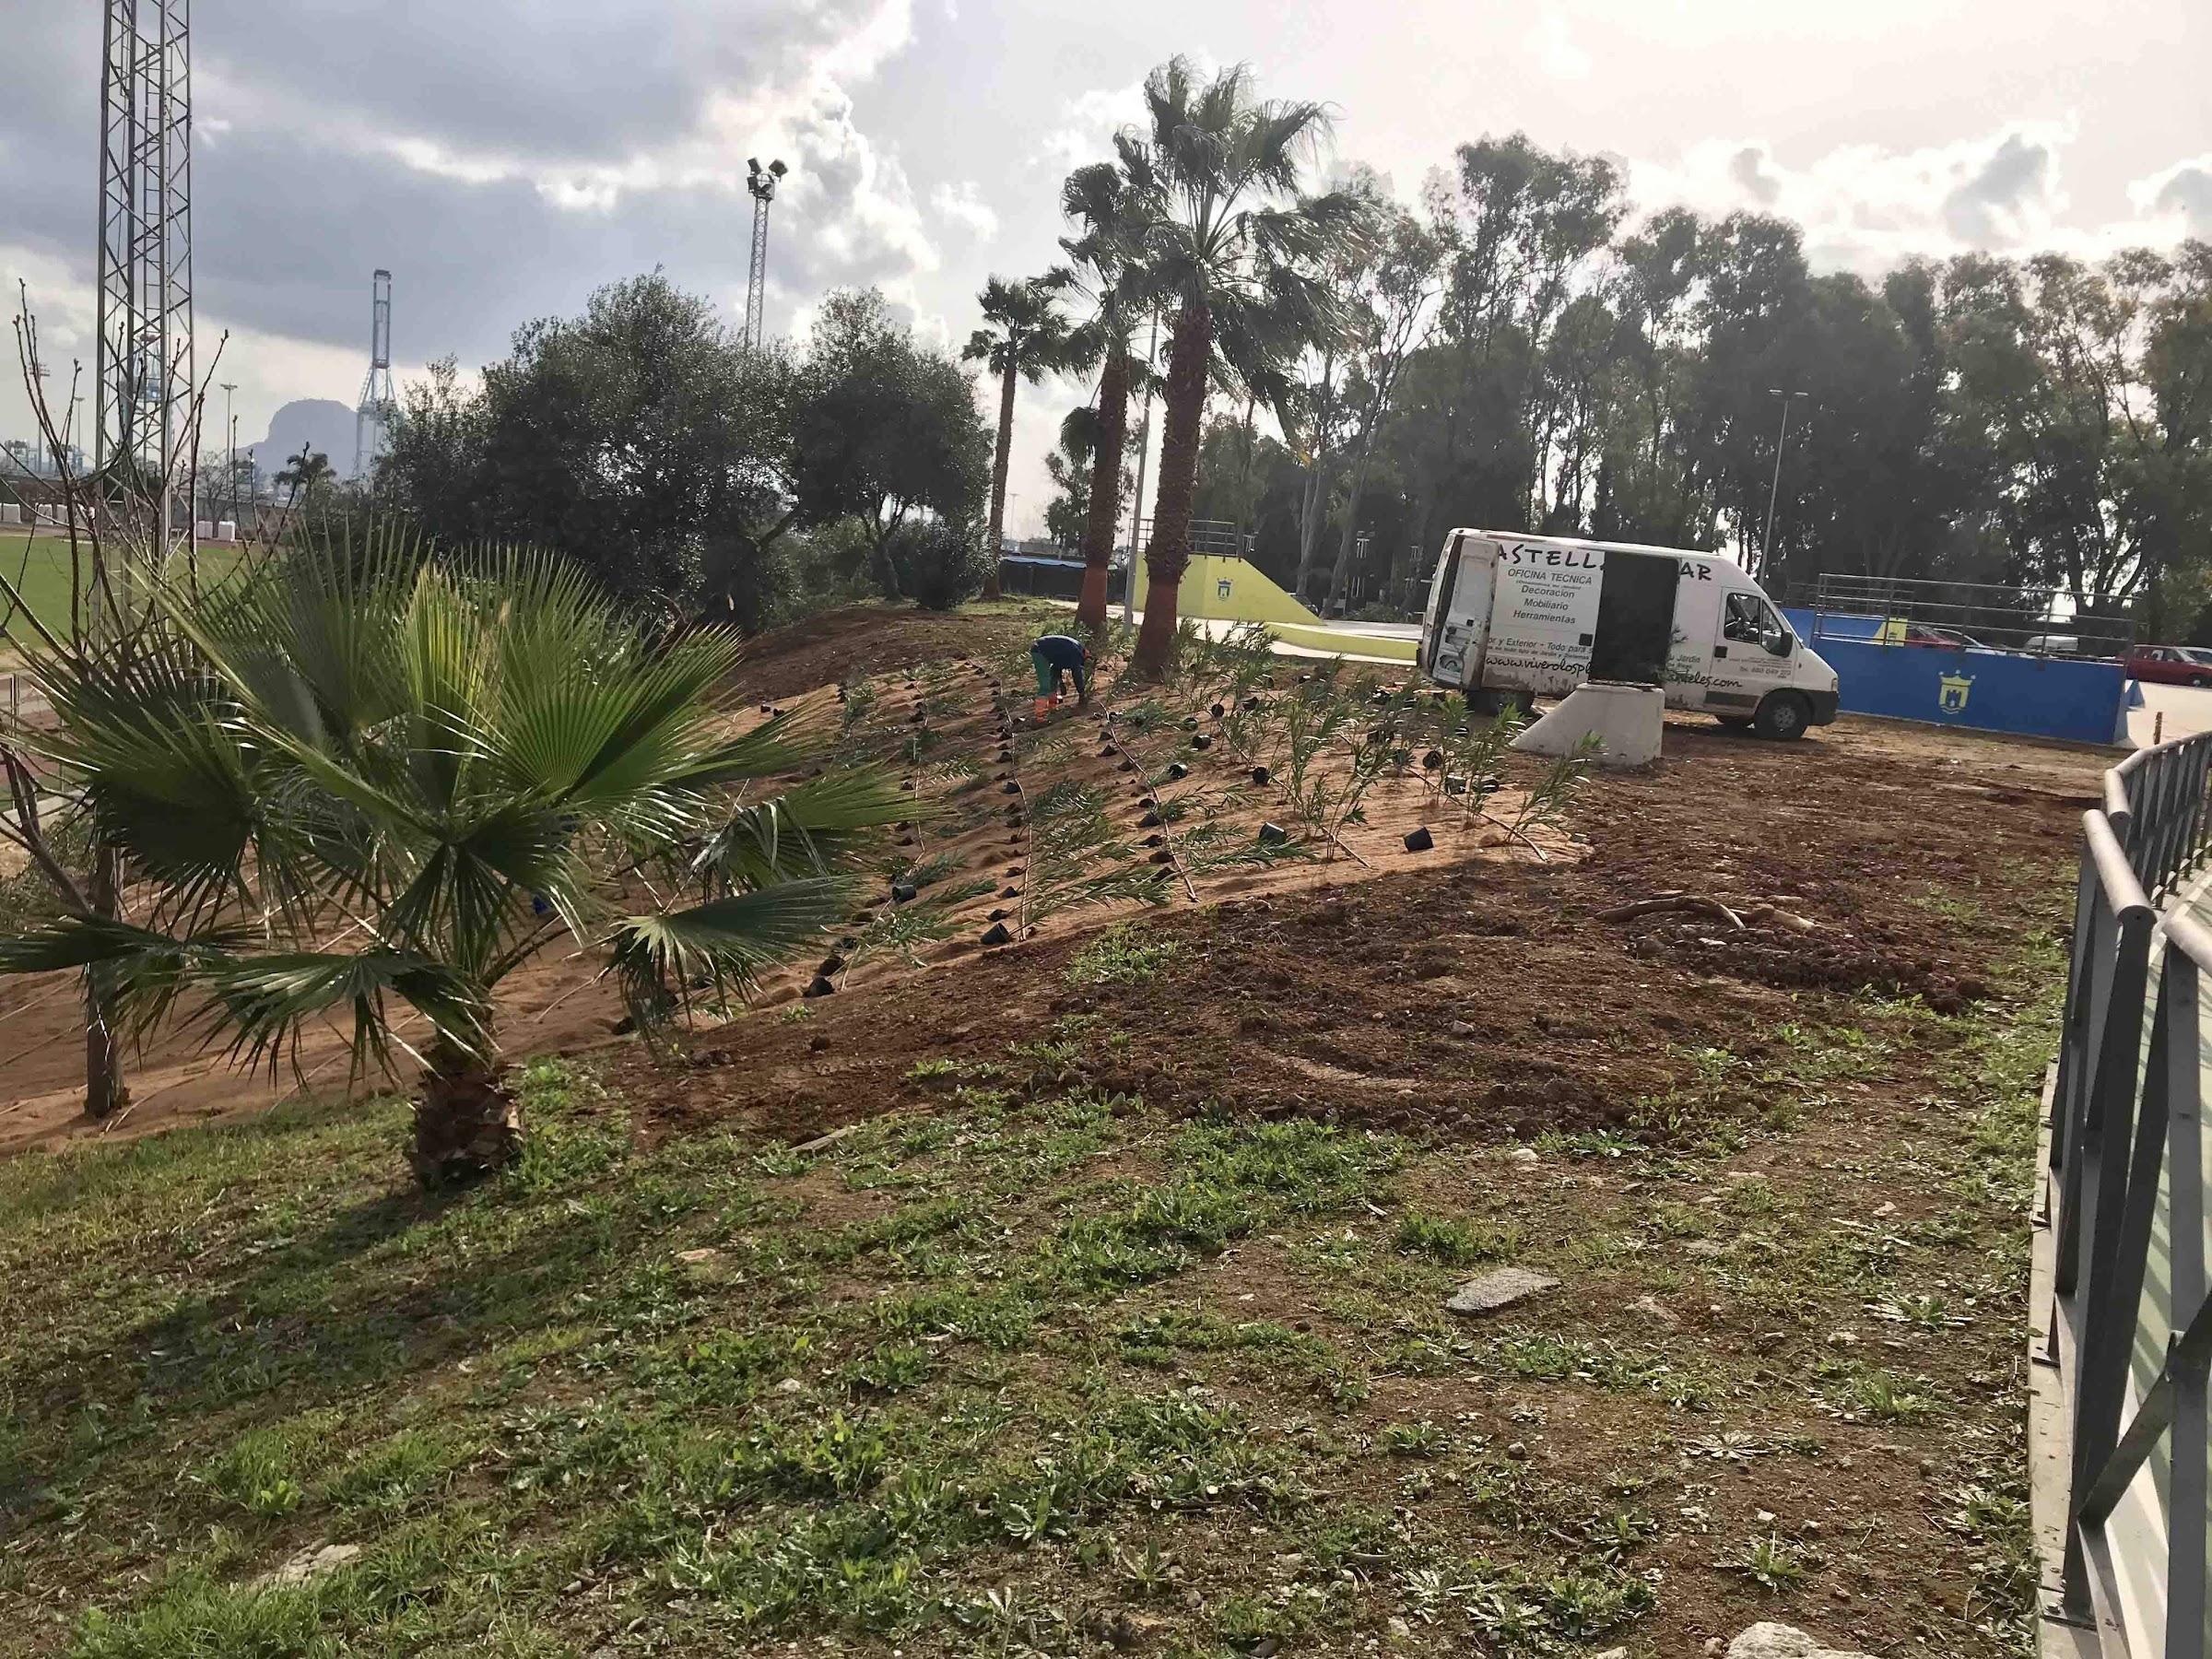 Parques y Jardines comienza un plan de ajardinamiento de taludes